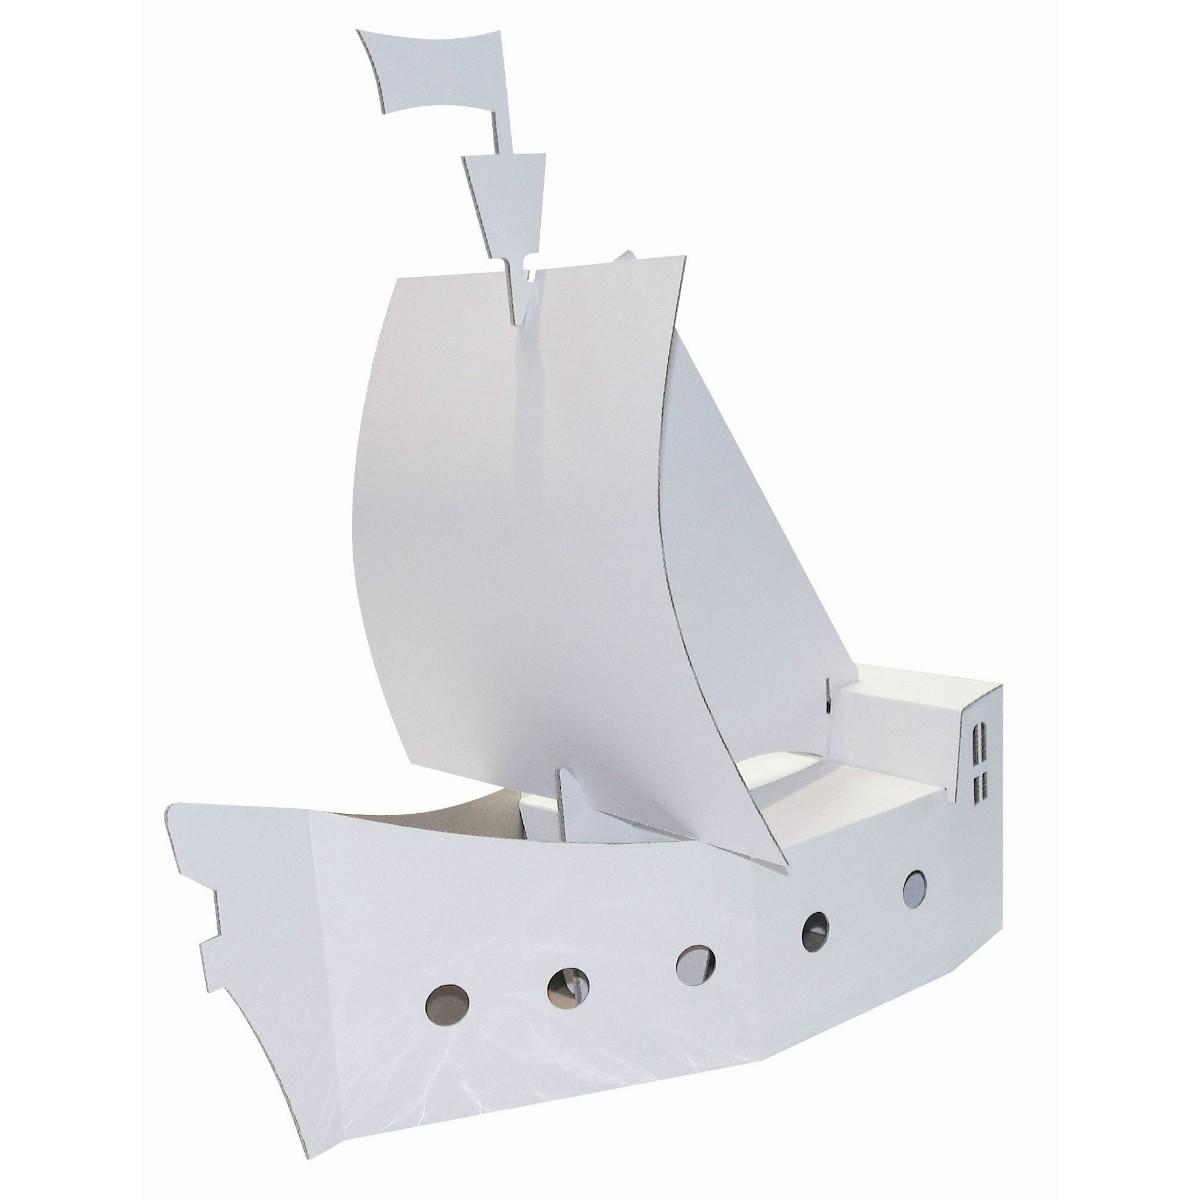 Piratenschiff aus Pappe / Karton blanko weiß zum Basteln & Bemalen, 50cm groß